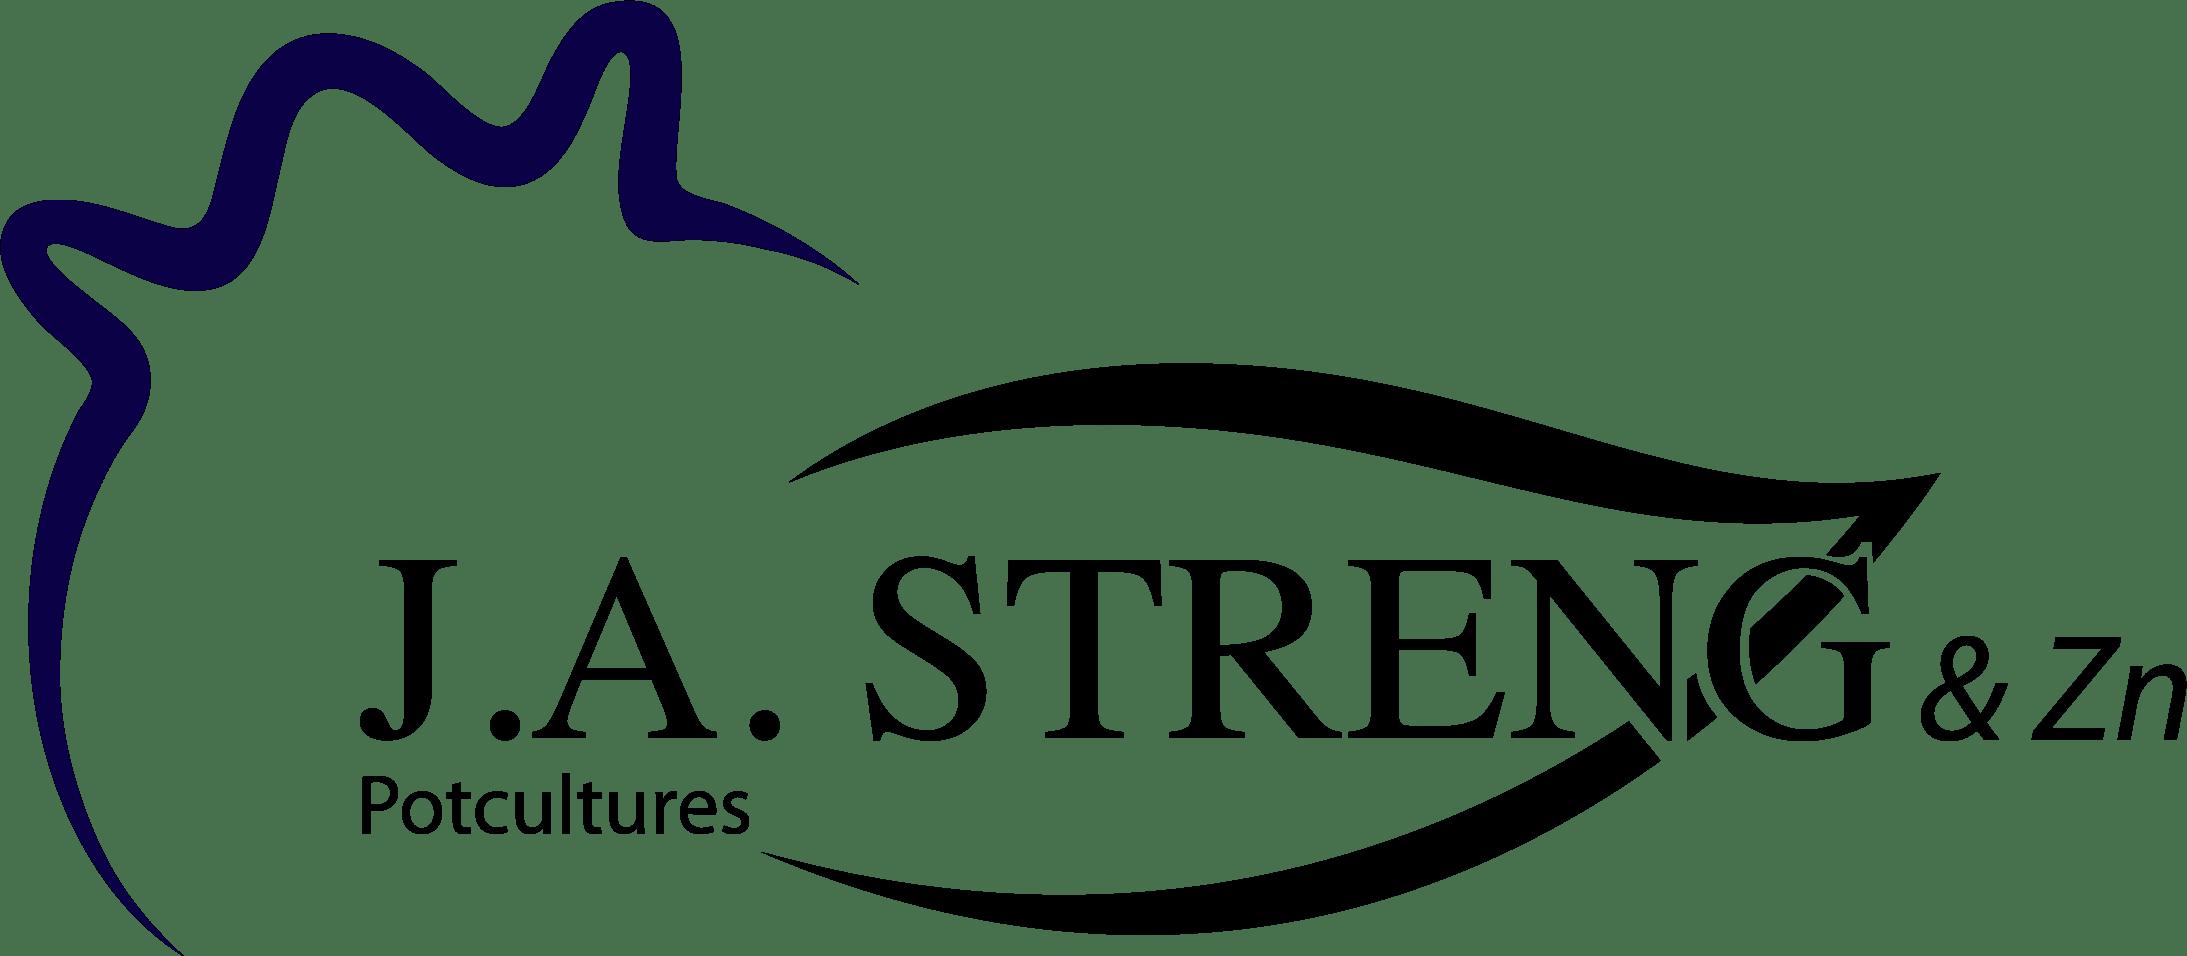 J.A. Streng